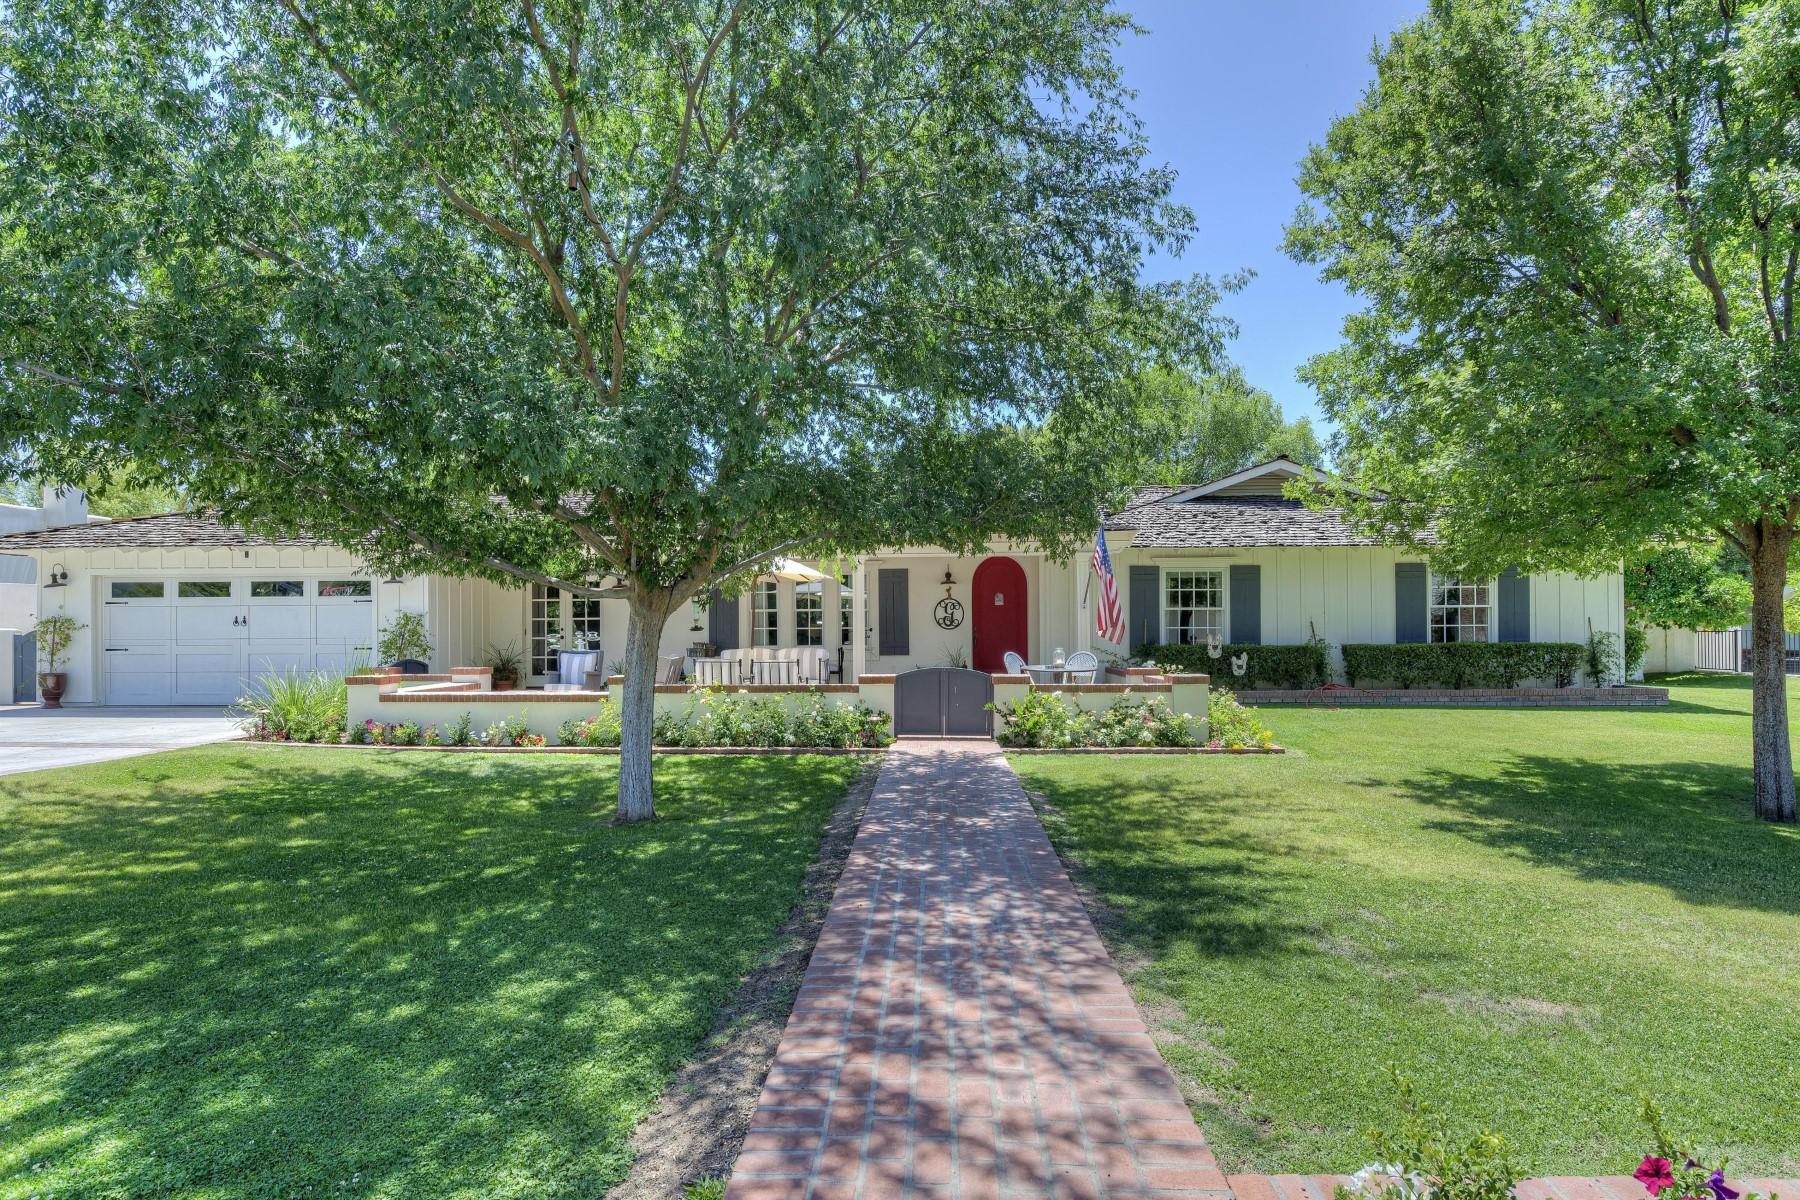 Maison unifamiliale pour l Vente à Beautifully updated ranch home in the magical Hilker Estates 4115 N 50th Pl Phoenix, Arizona, 85018 États-Unis